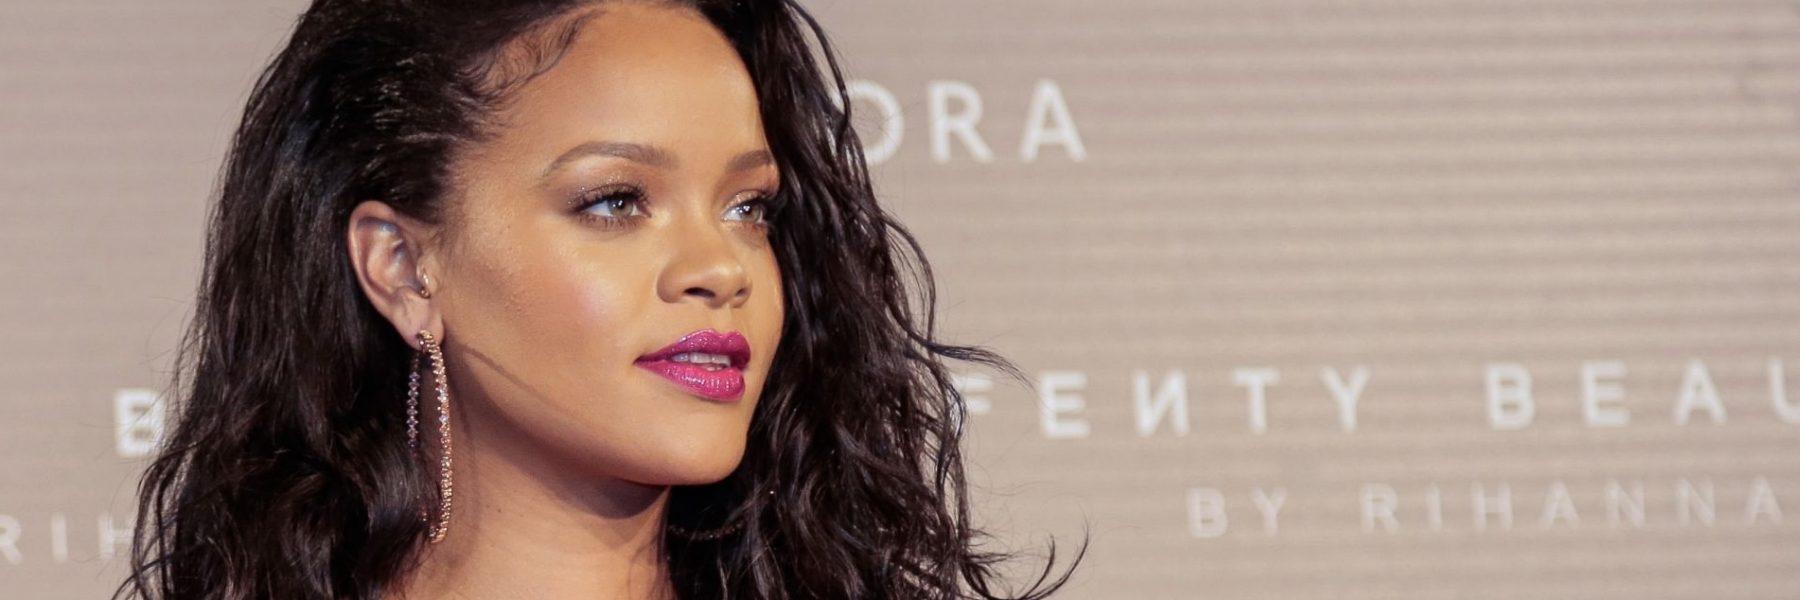 Rihanna revoluciona Madrid presentando su nueva línea de cosméticos